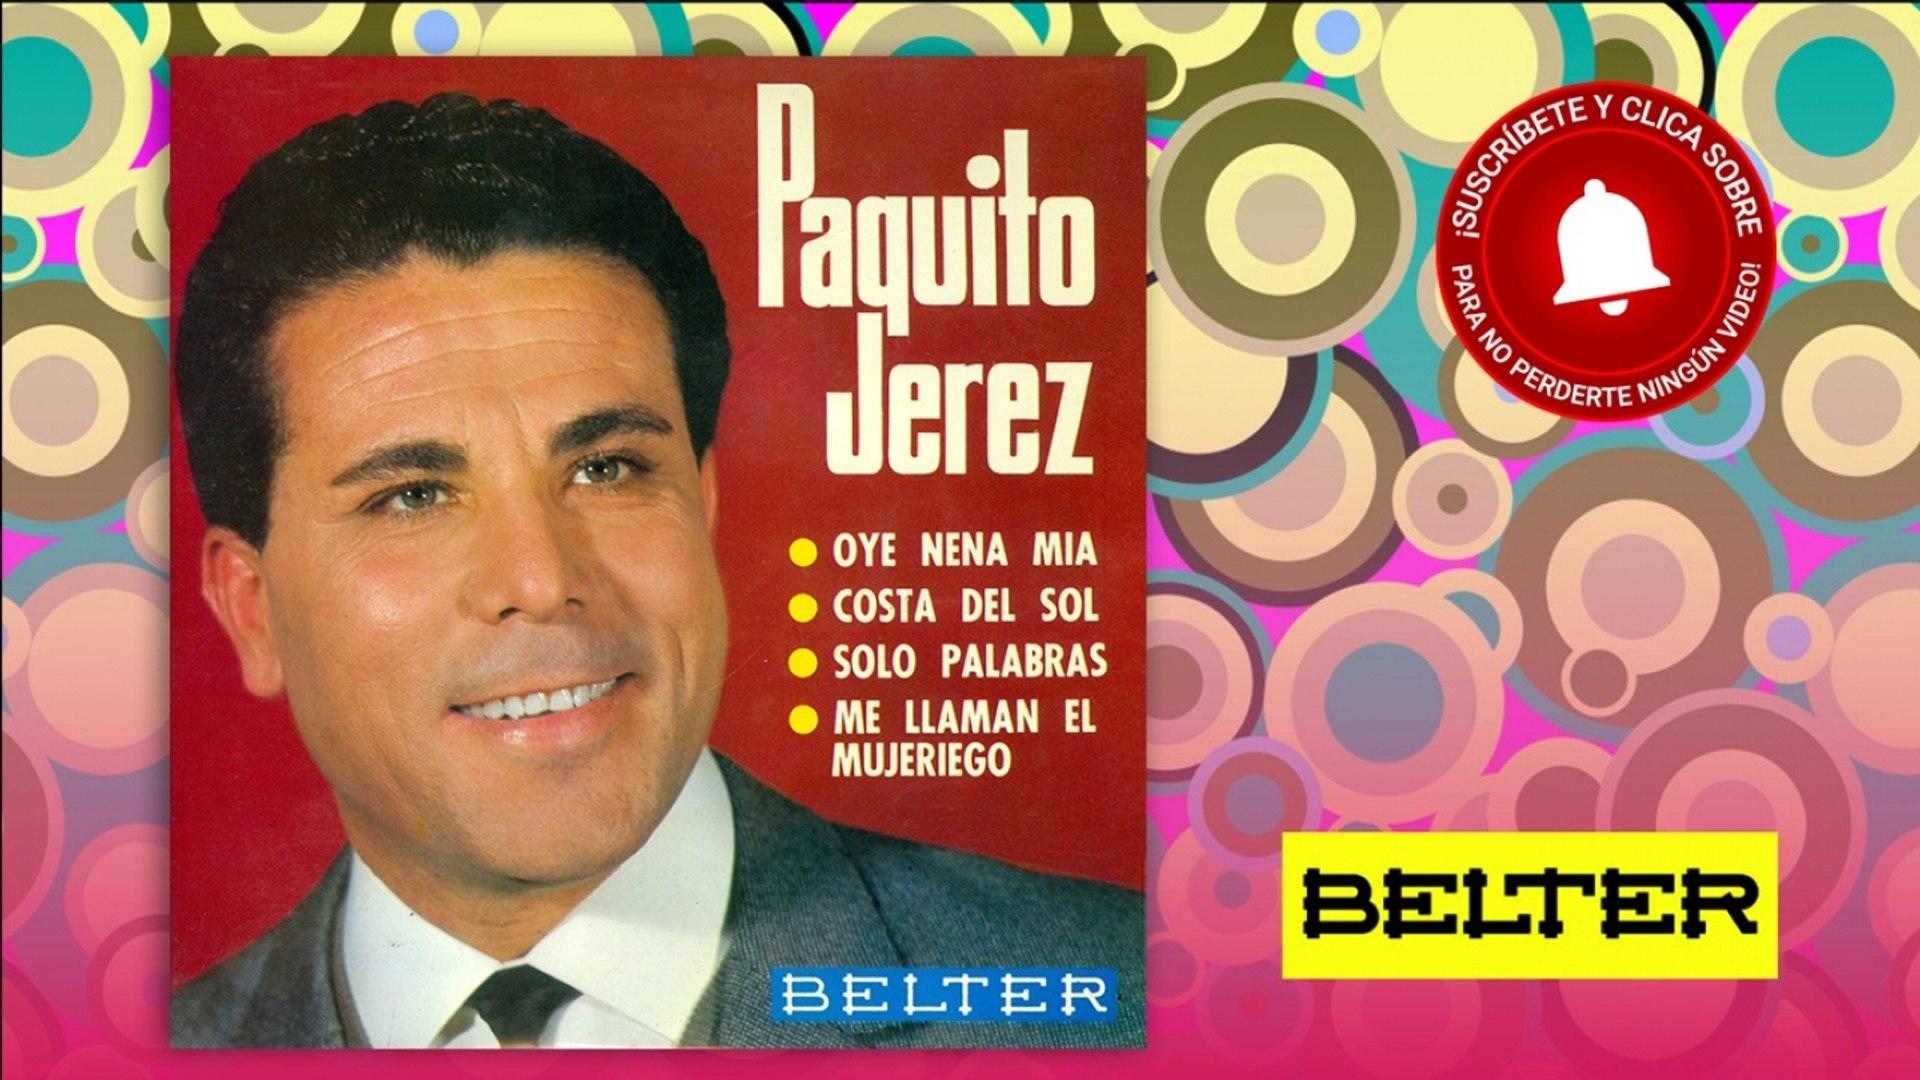 Paquito Jerez - Oye Nena Mia (EP)